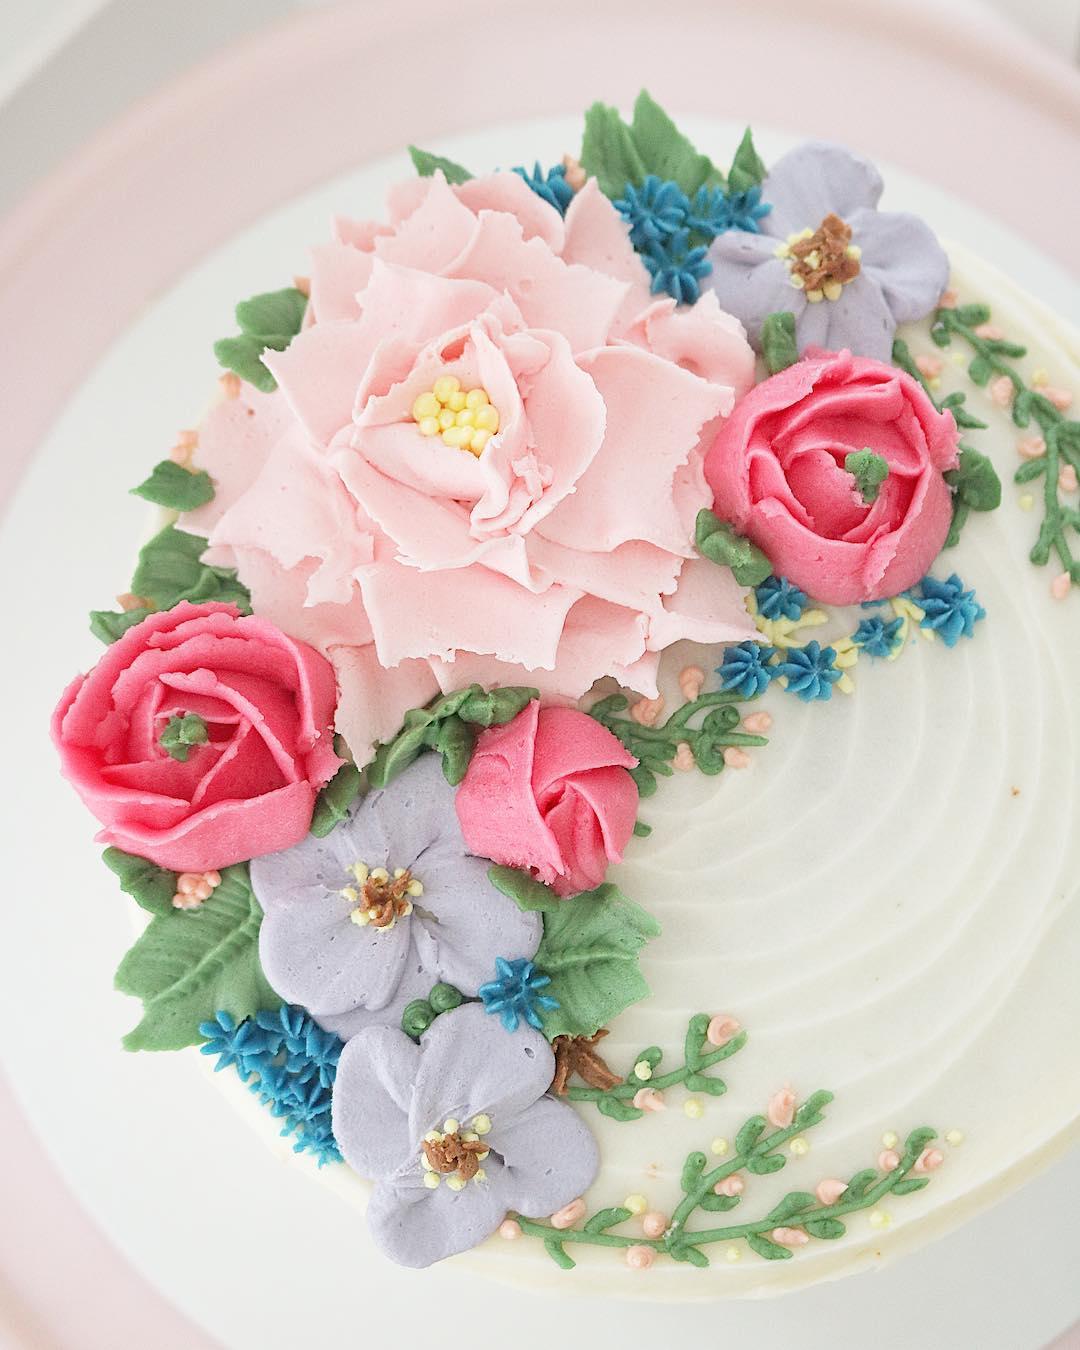 Tarta con flores de crema